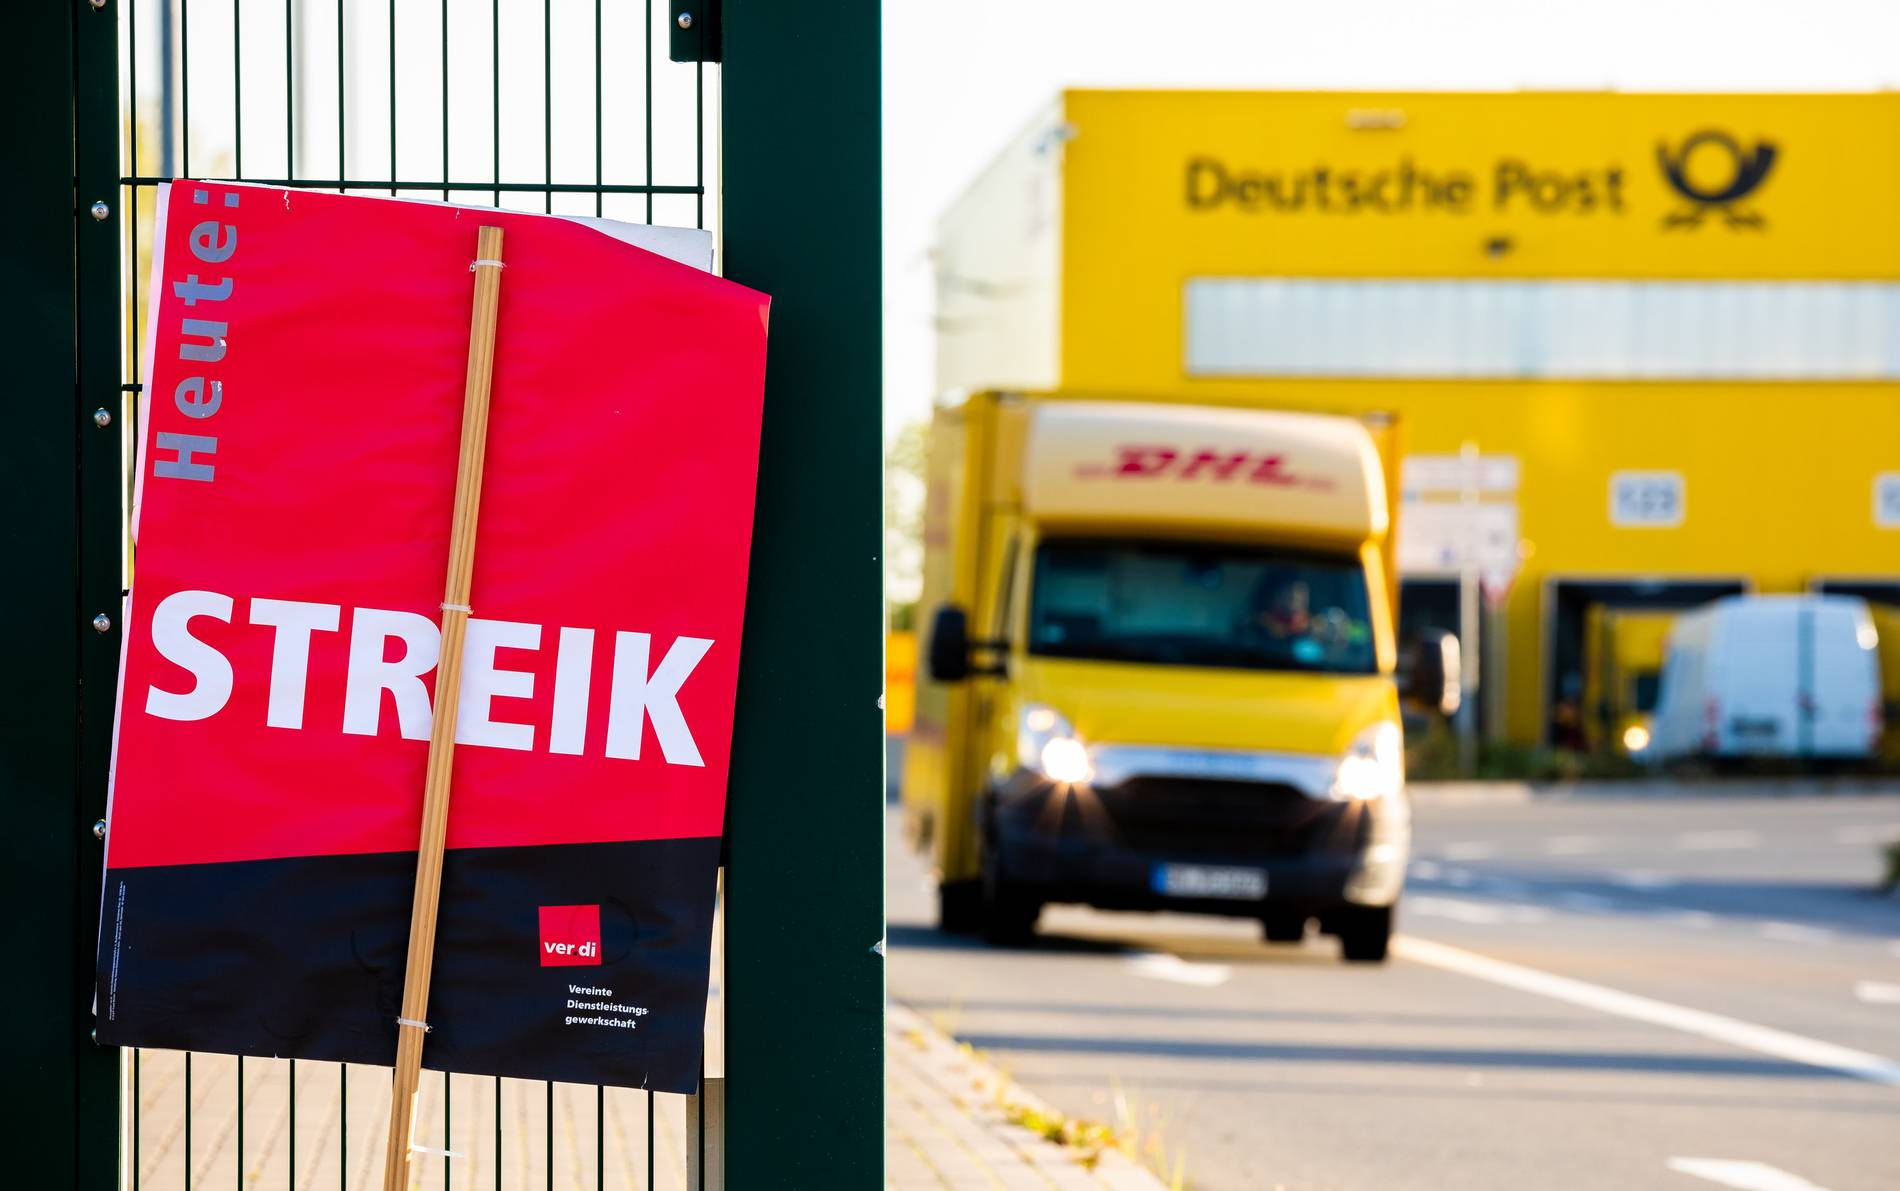 verdi streik in mönchengladbach